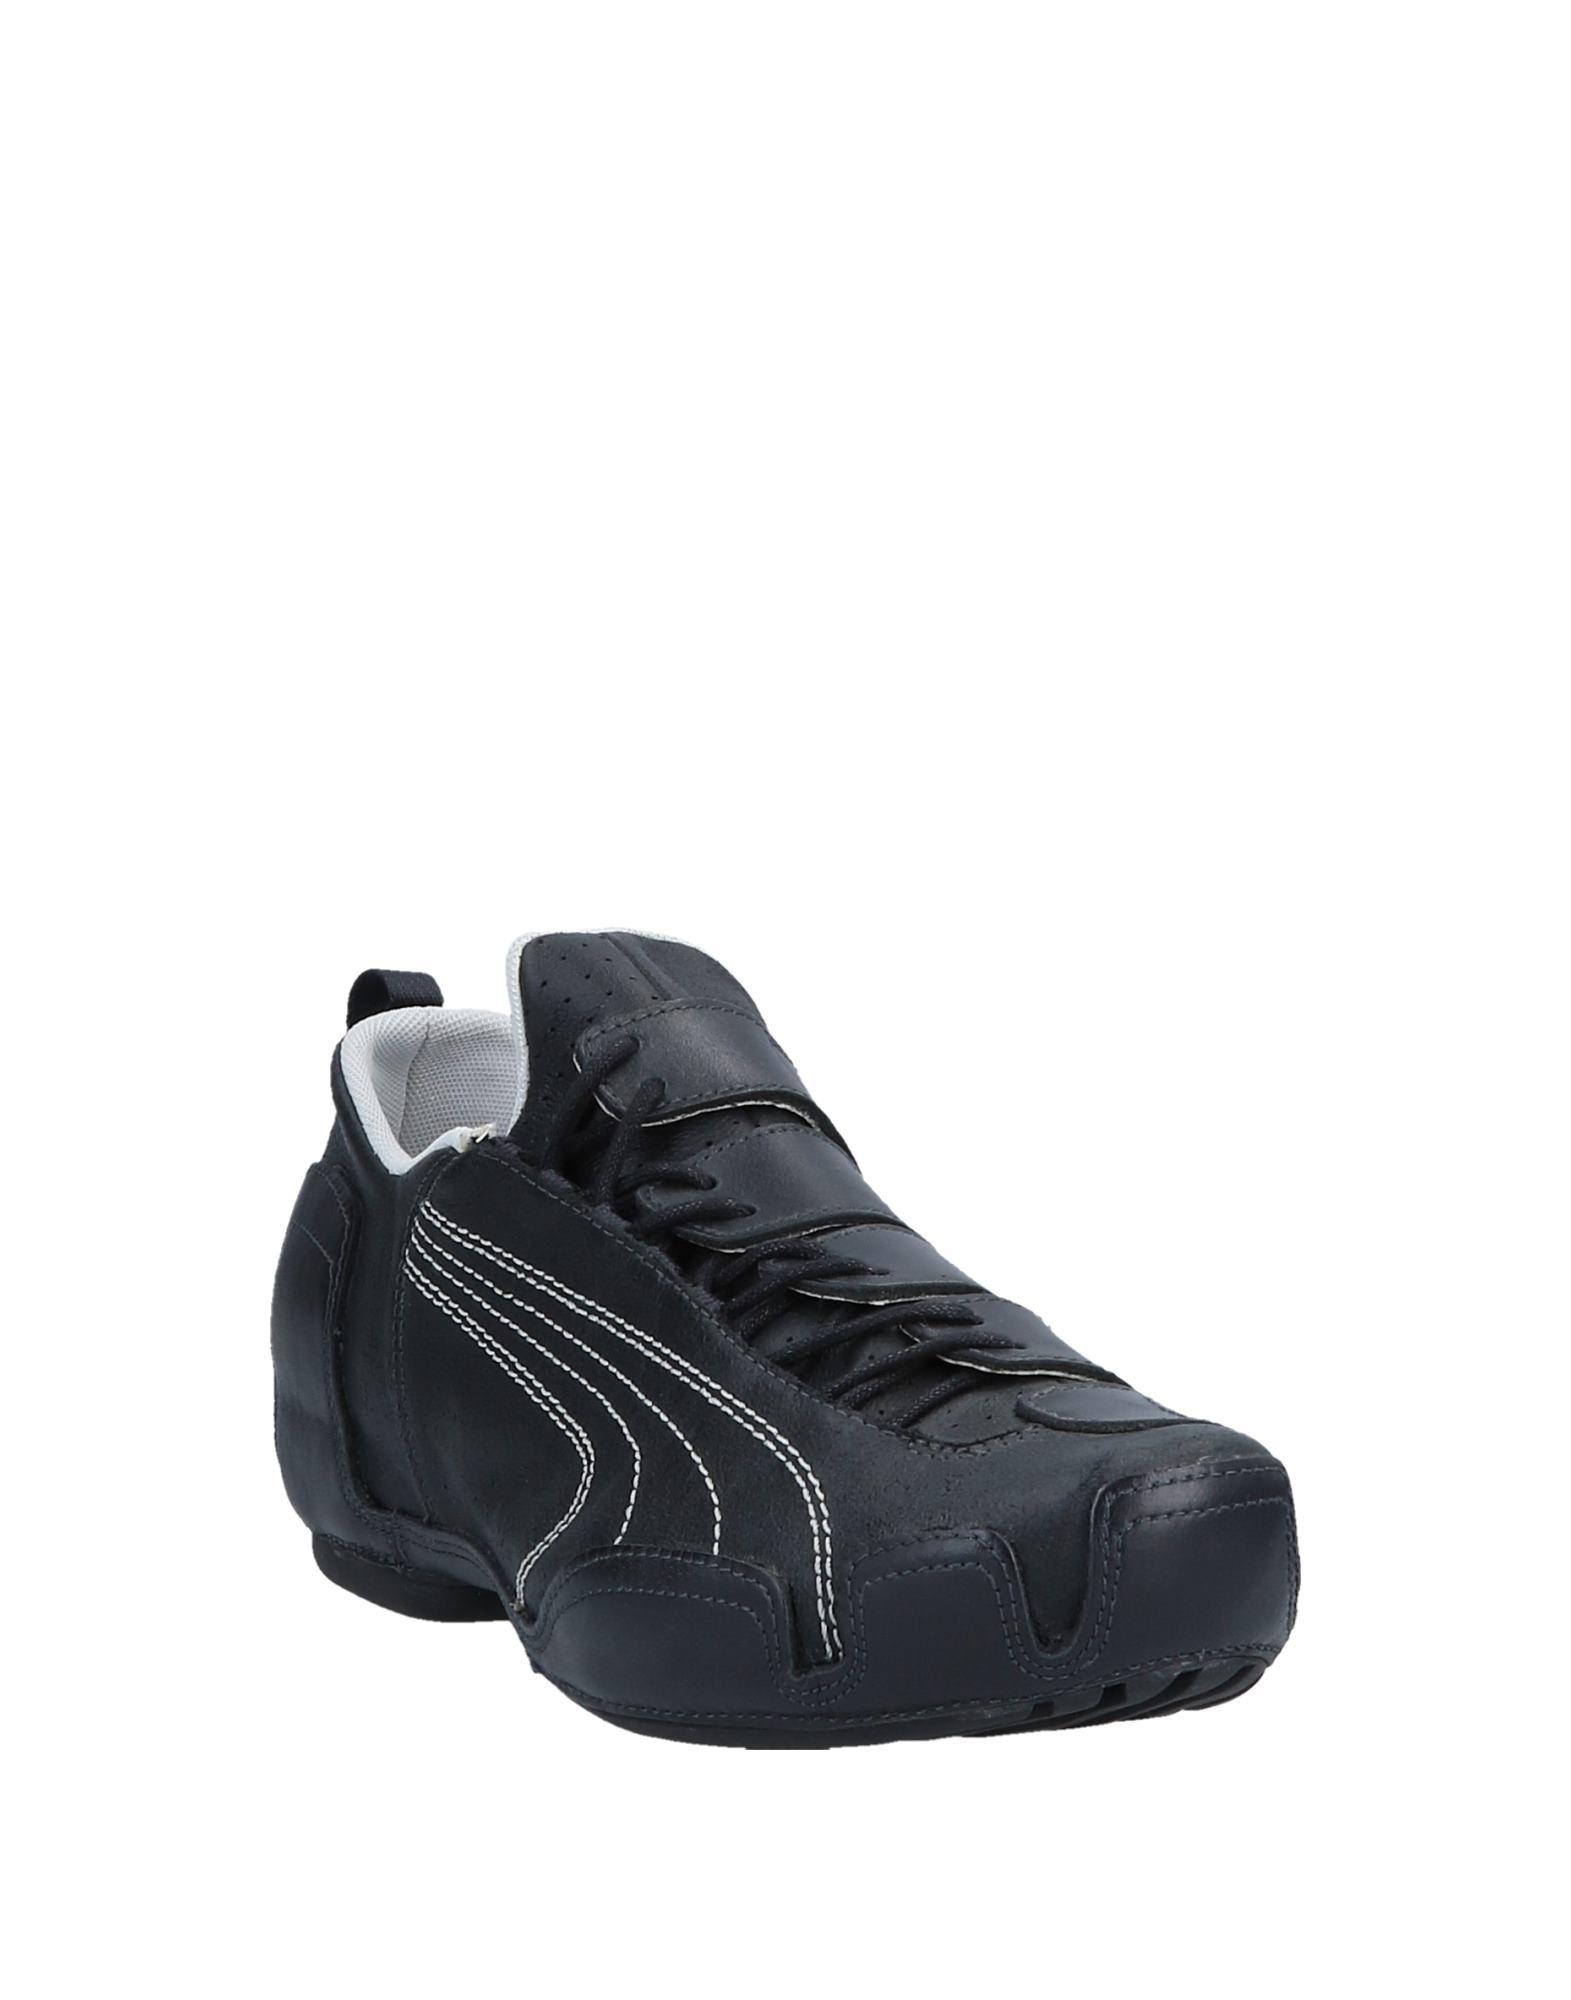 Puma Puma Puma Sneakers Herren Gutes Preis-Leistungs-Verhältnis, es lohnt sich 7a66f2